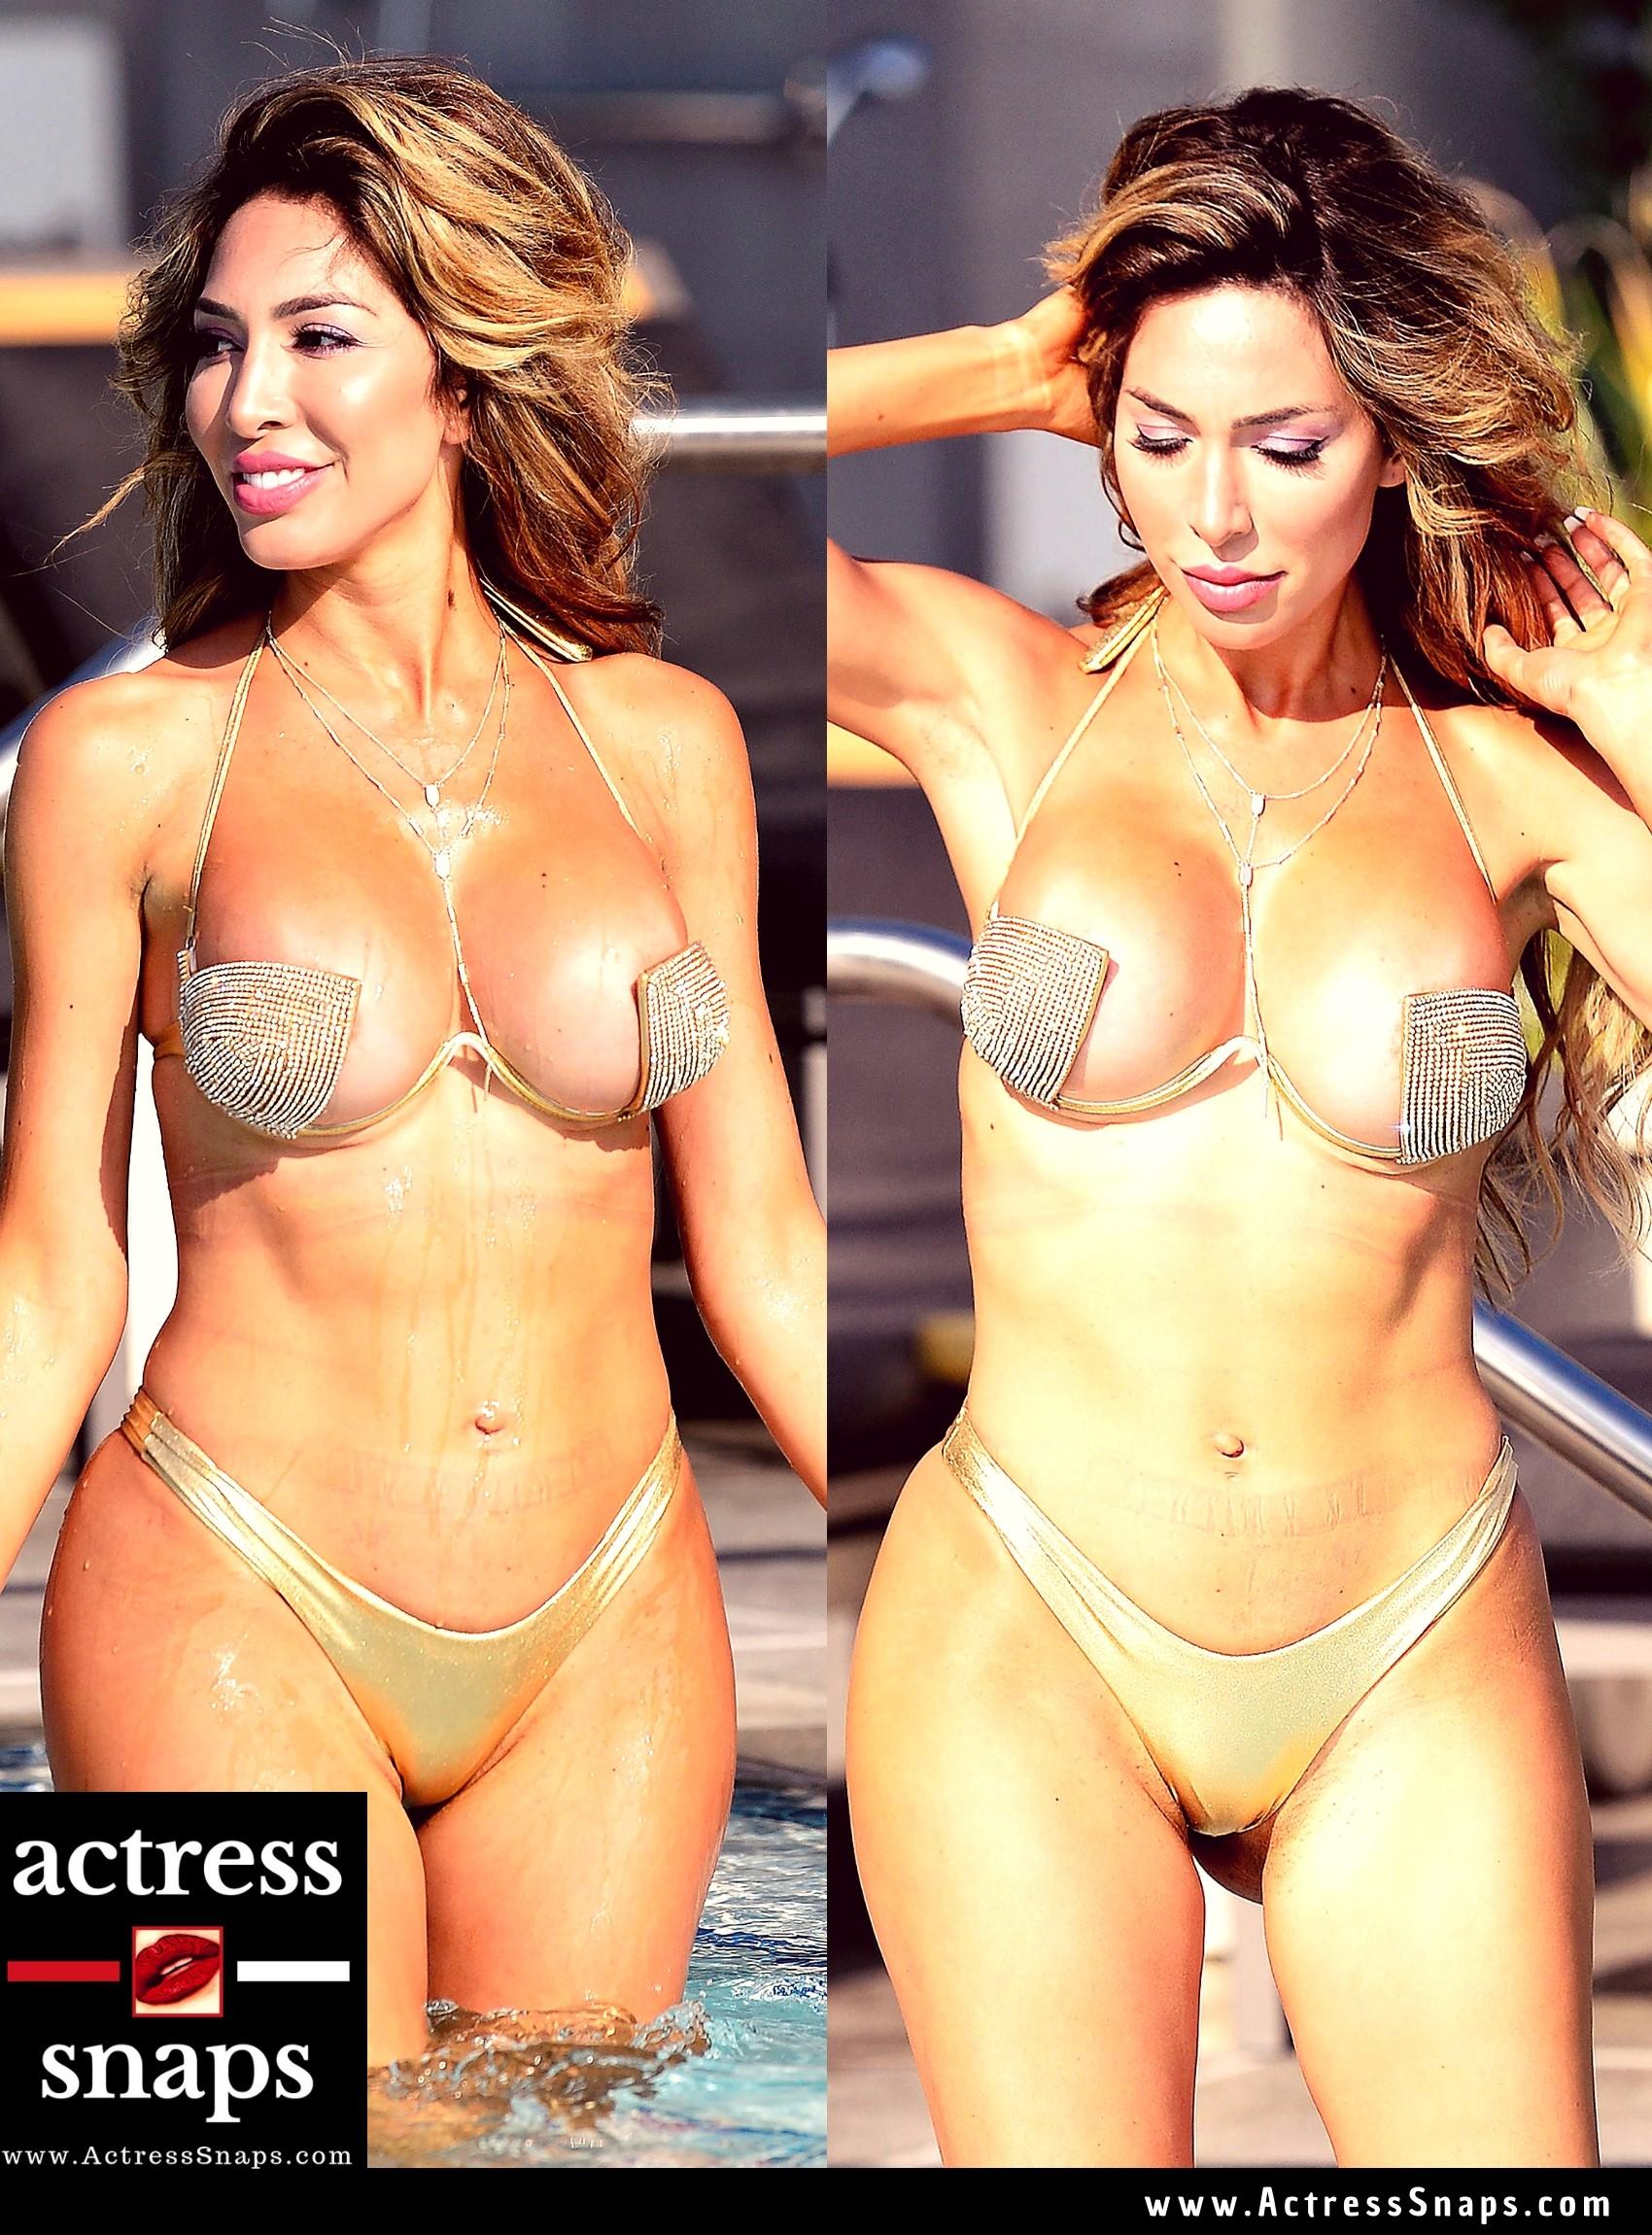 Farrah Abraham - Sexy Bikini Photos - Sexy Actress Pictures | Hot Actress Pictures - ActressSnaps.com